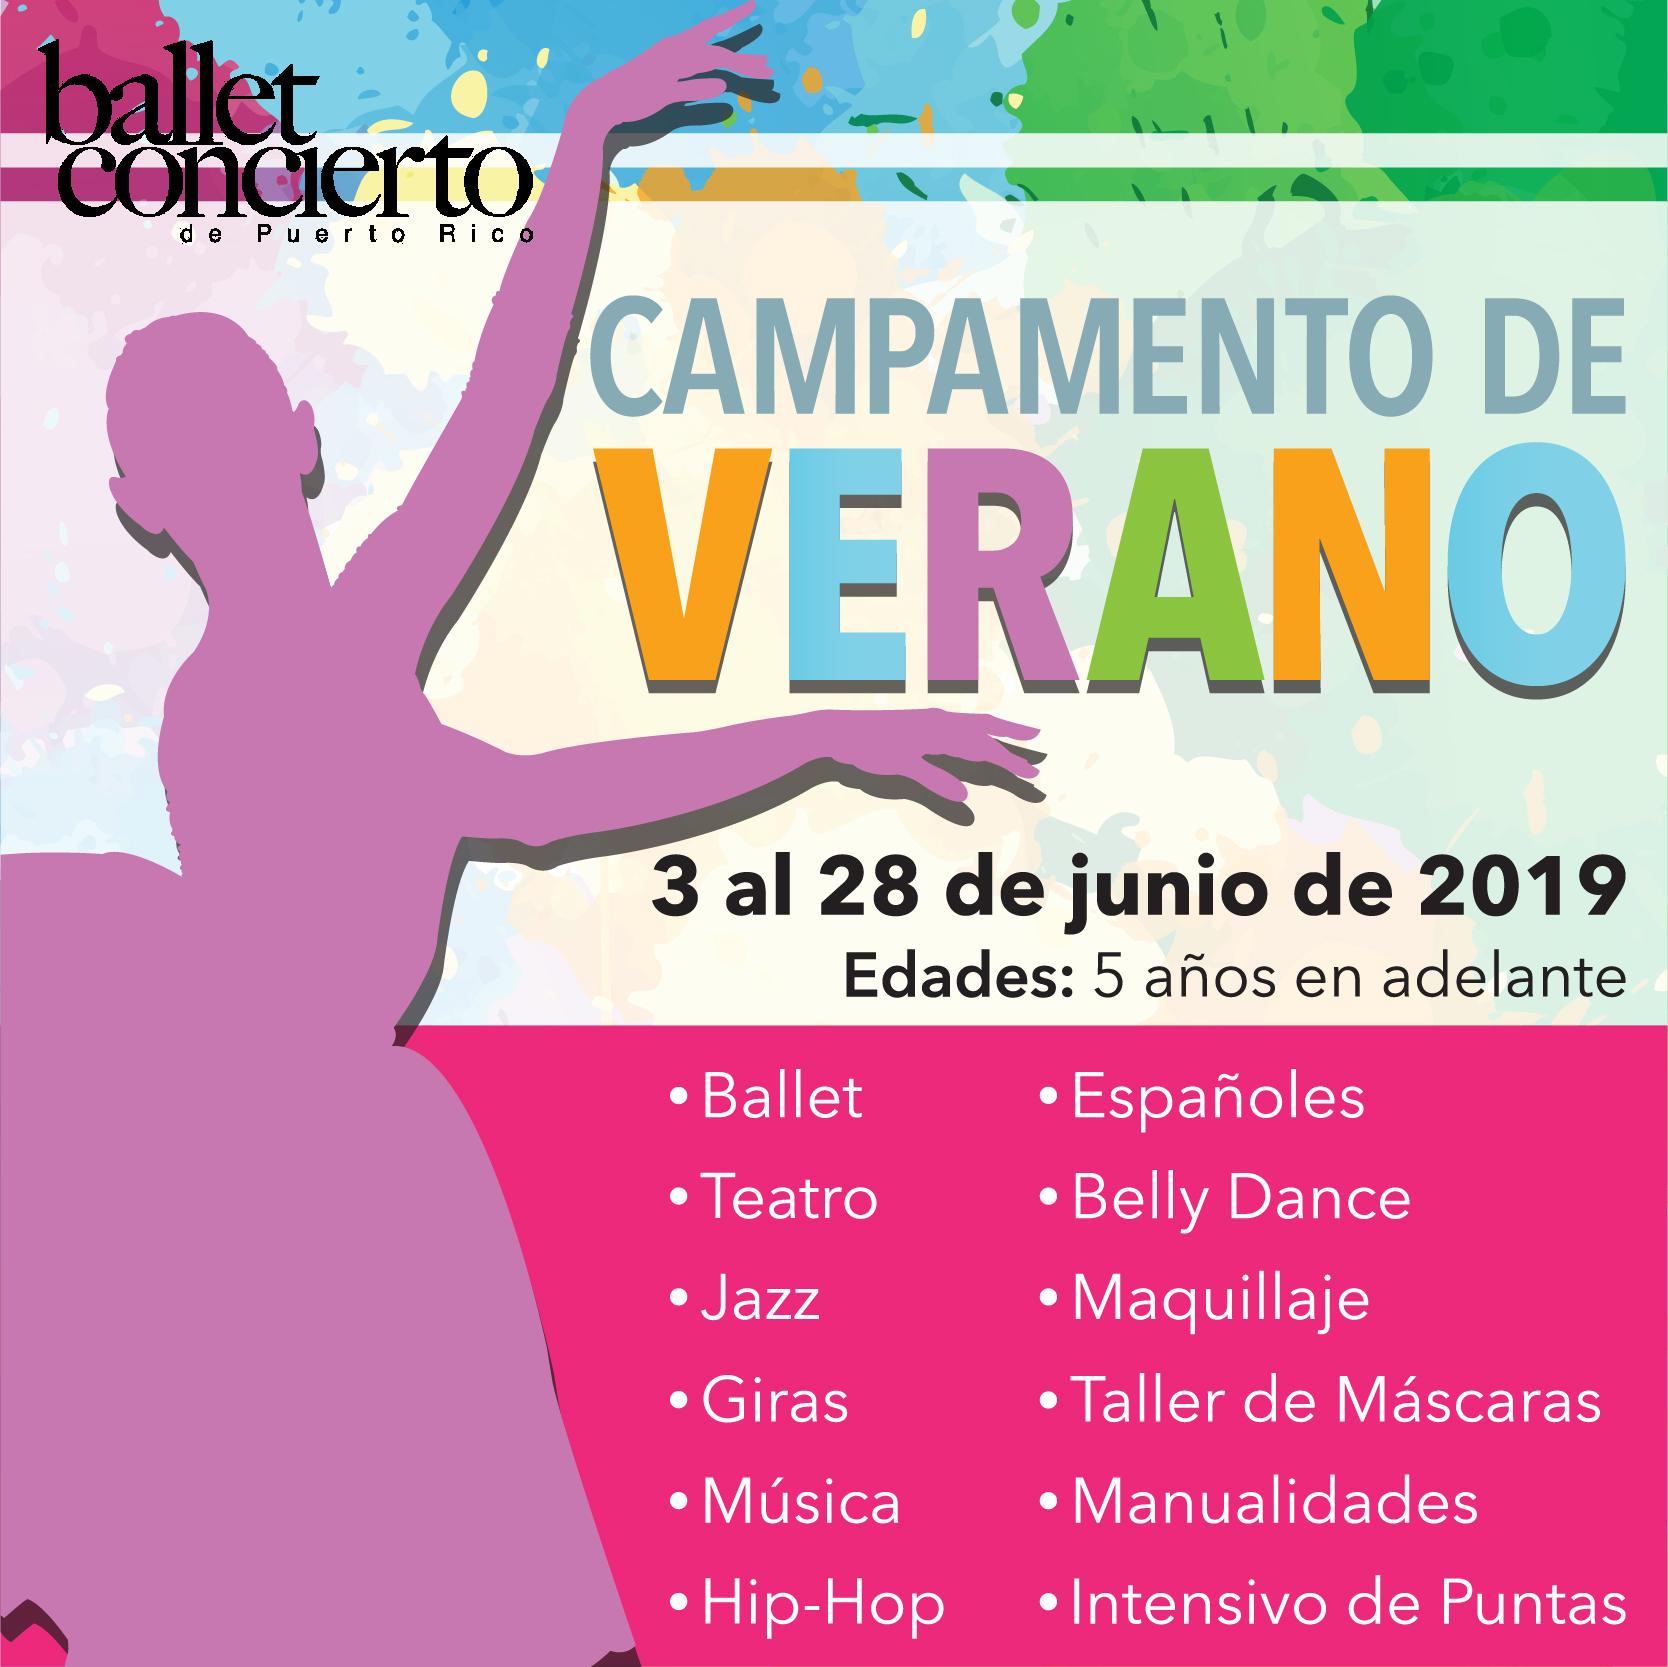 Campamento-de-Verano_FB-Promo-con-disciplinas_(17-enero-2019).jpg